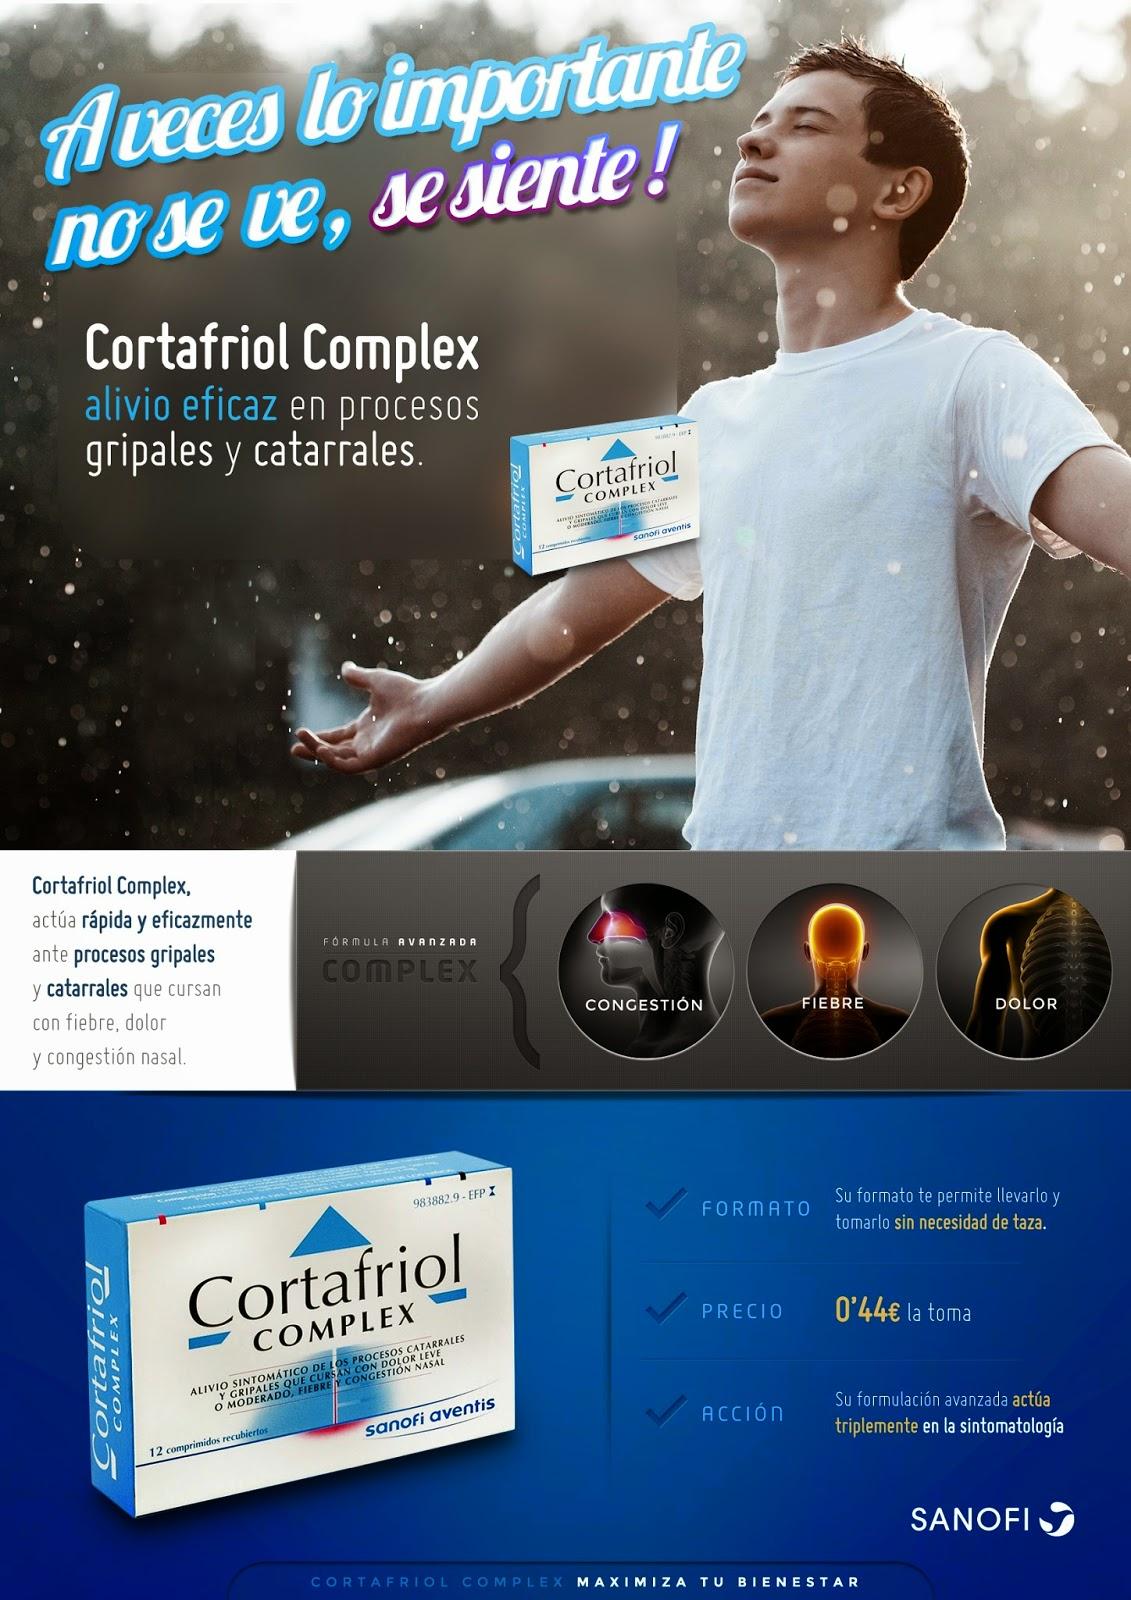 Kellenföl Advertising publicidad Sanofi Cortafriol healthcare marketing digital agencia